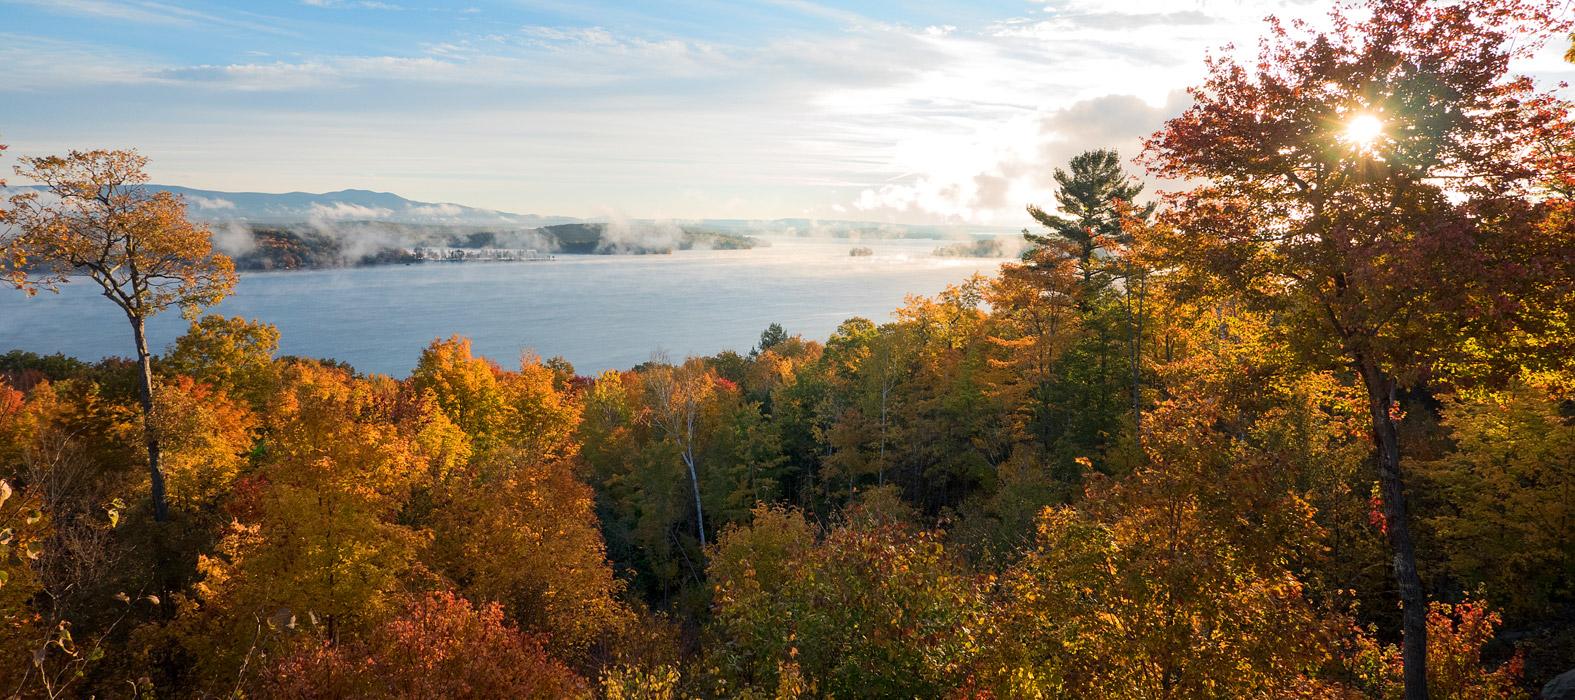 autumn at lake winnipesaukee